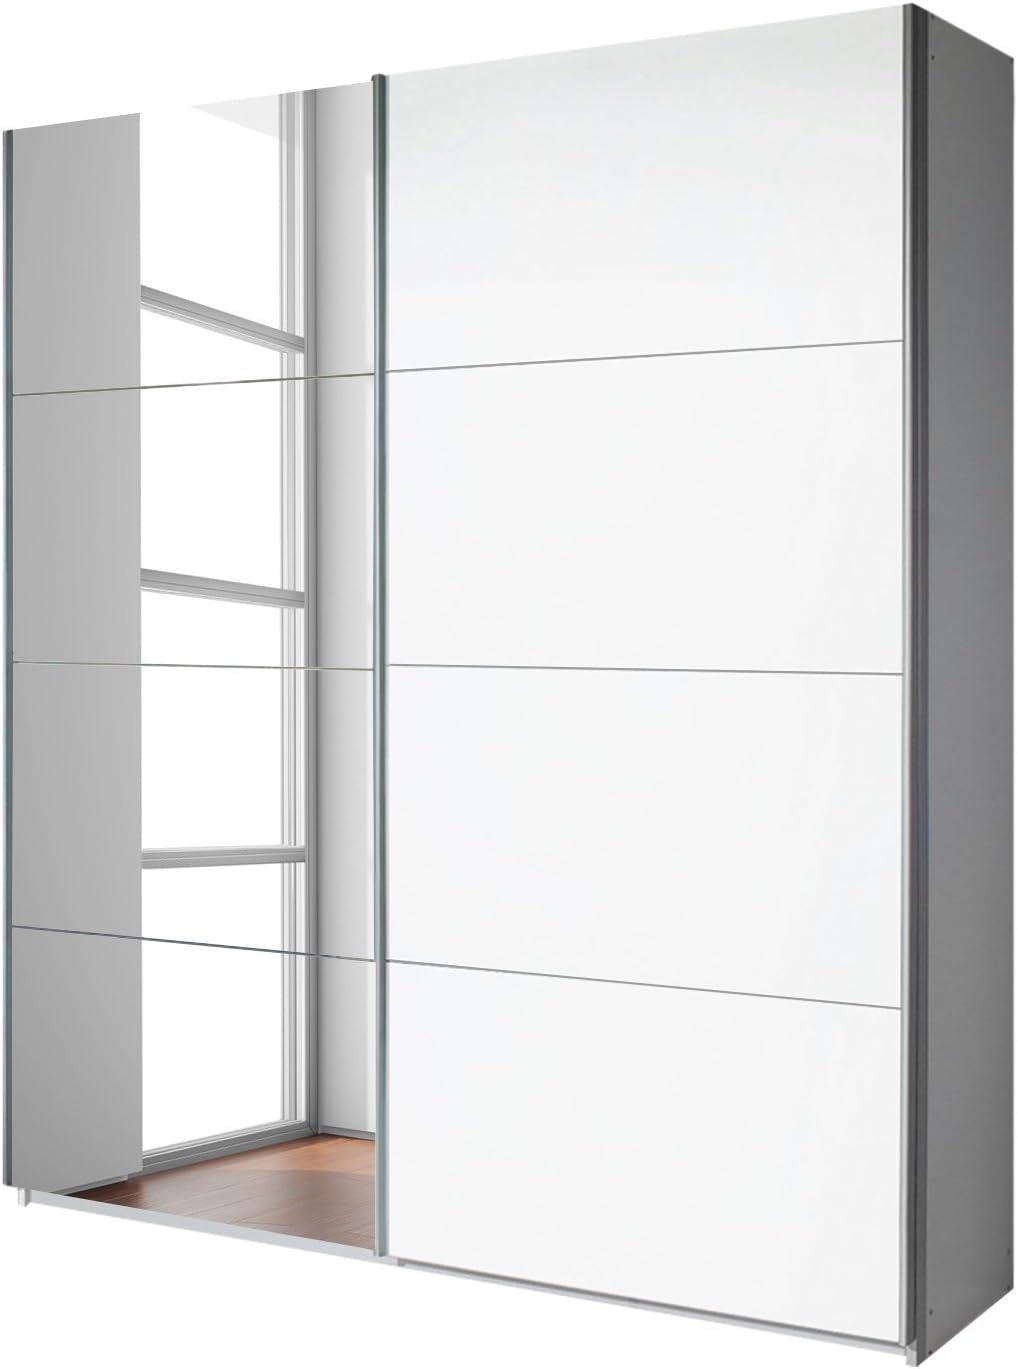 Wardrobe 2 door 210 CM height in various colours